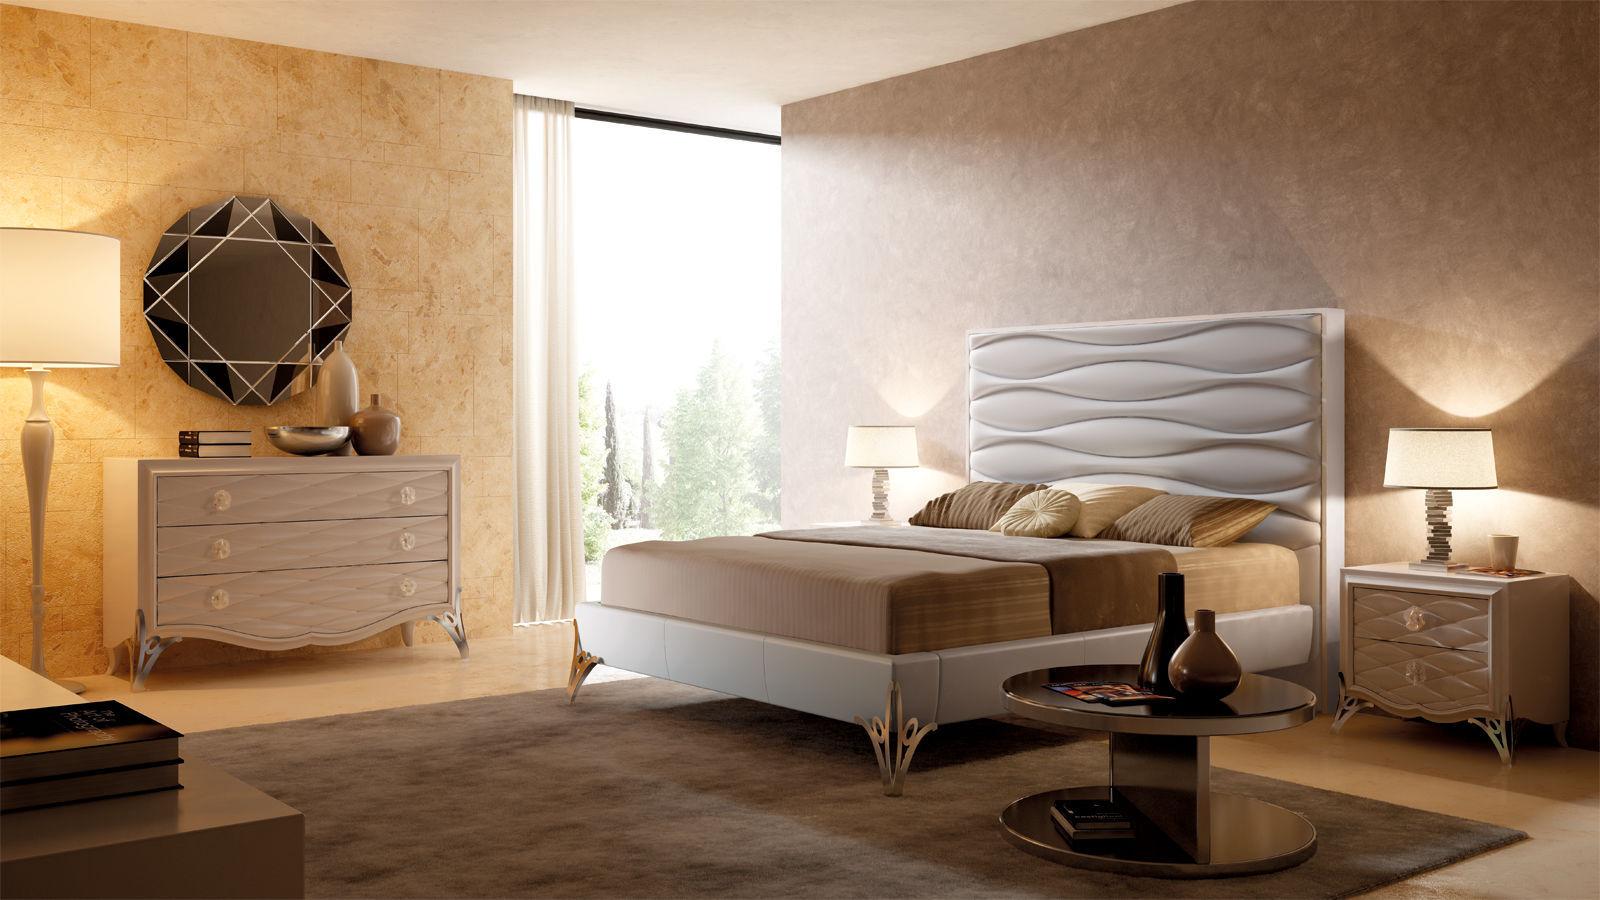 Pittura A Righe Camera Da Letto : Pittura pareti camera da letto tortora camere da letto pareti azzurre